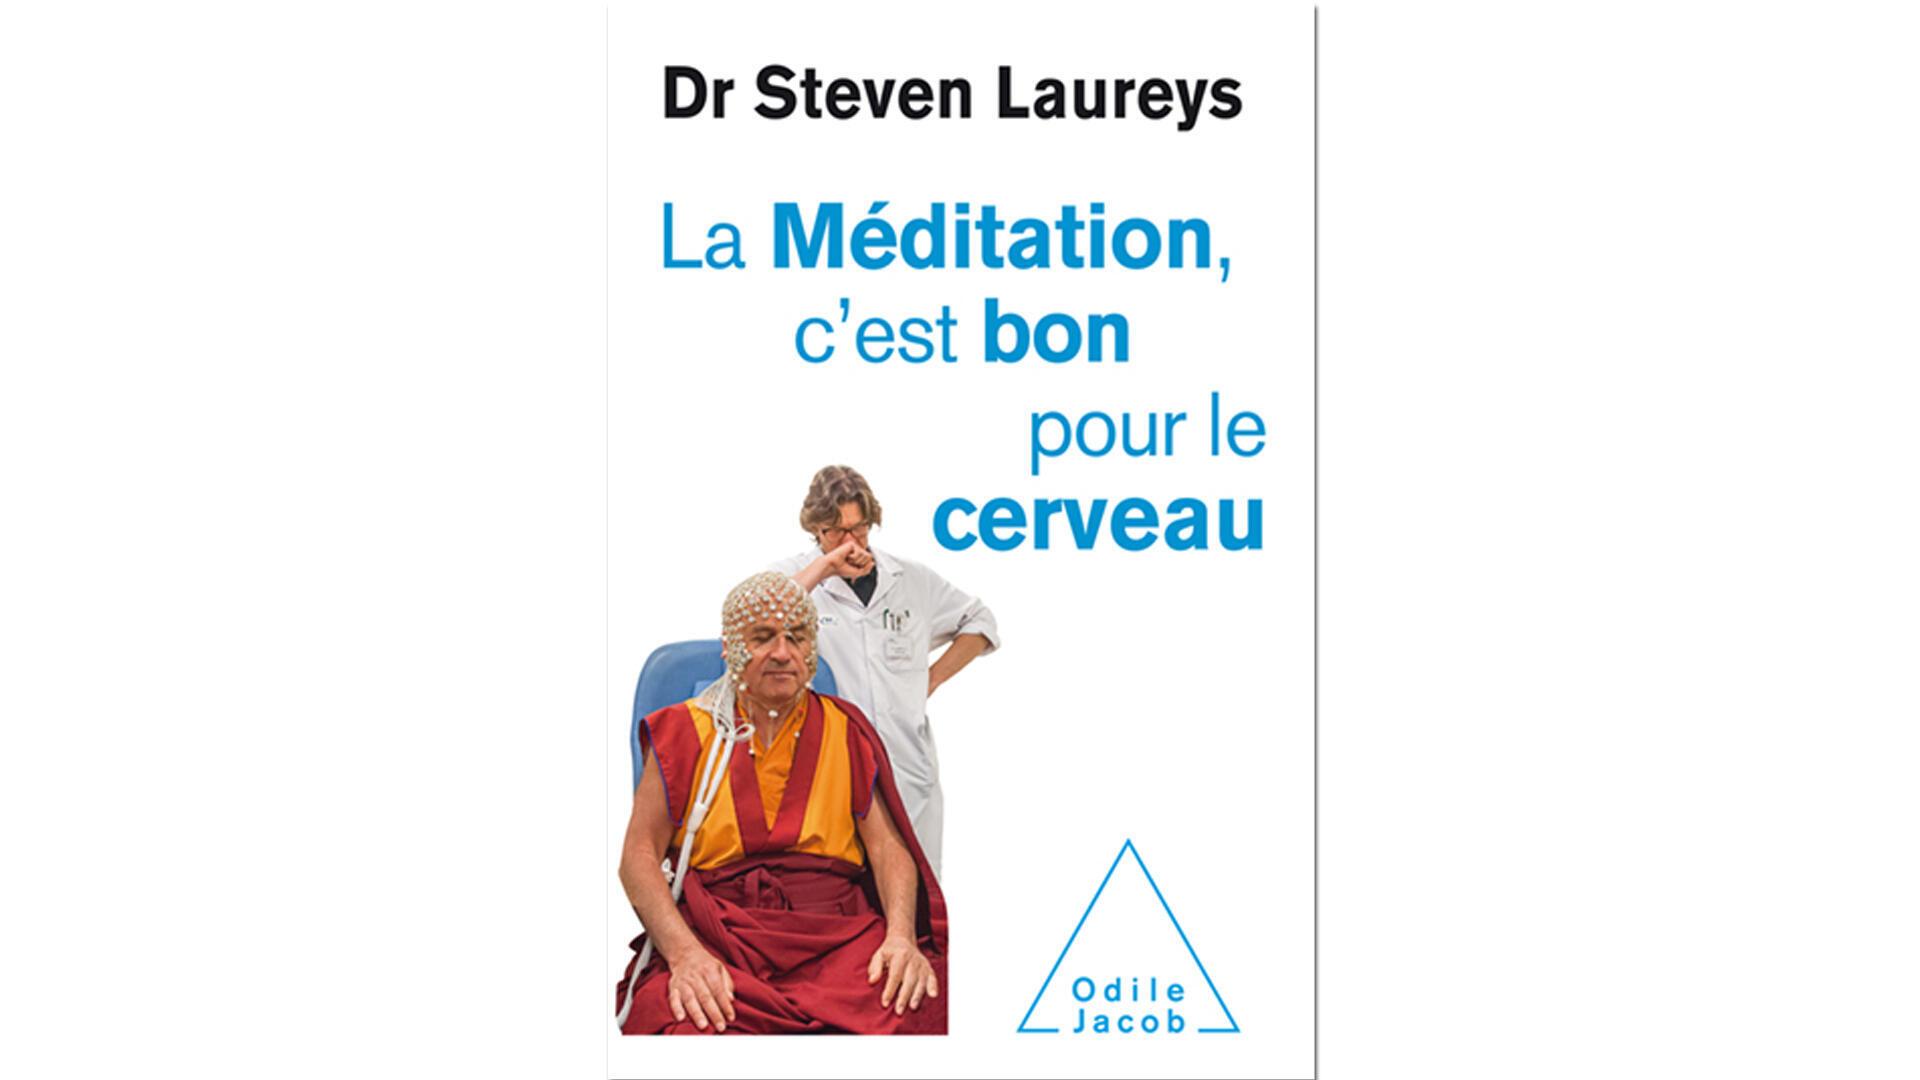 «La méditation, c'est bon pour le cerveau», du Dr Steven Laureys.